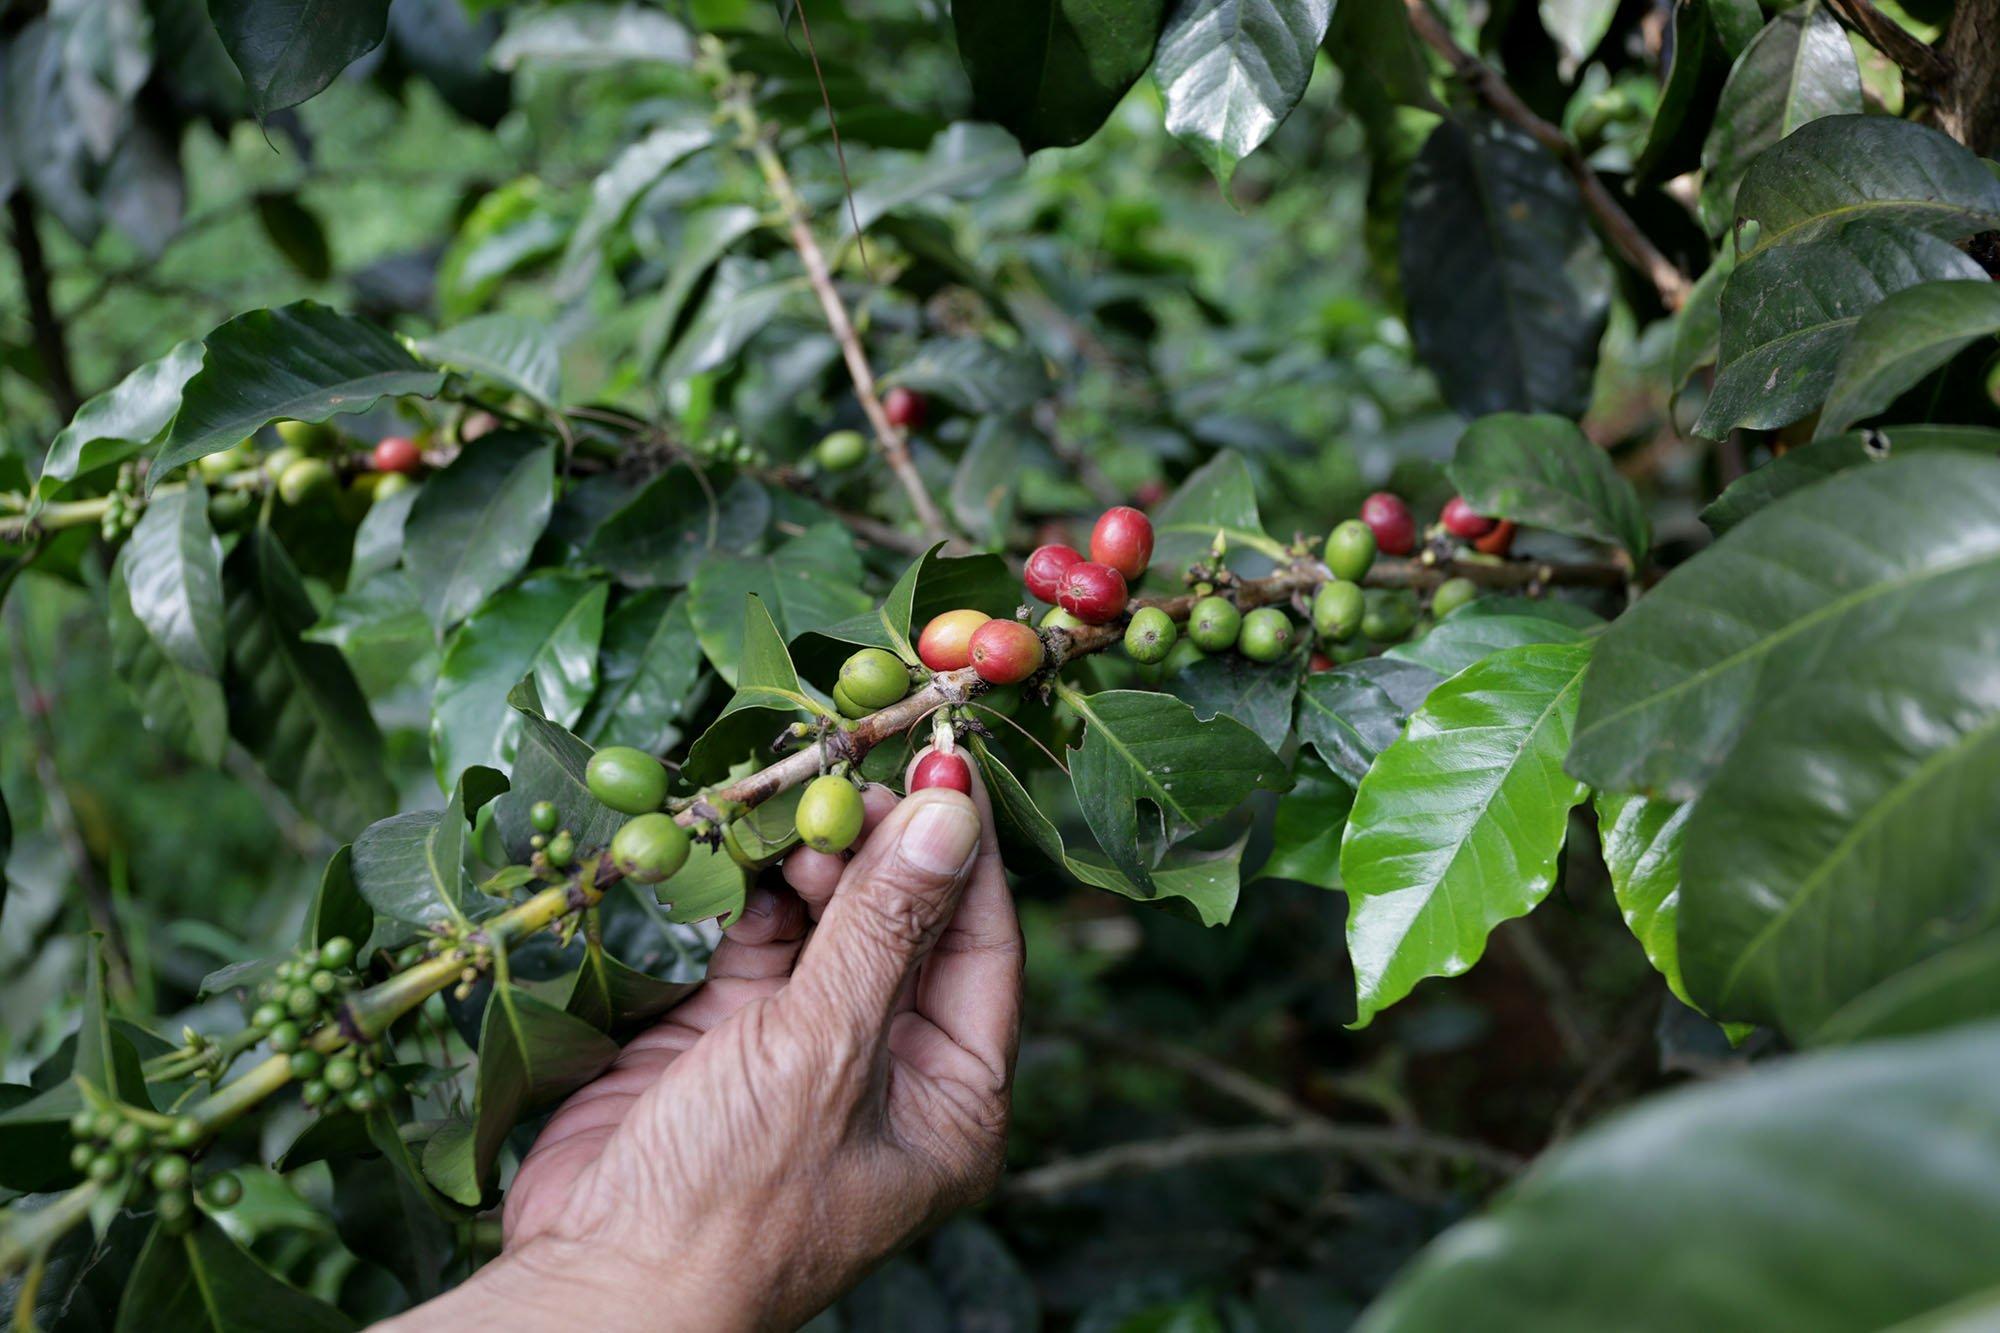 Petani dari perkebunan Malabar Mountain Coffee memetik biji kopi yang sudah matang atau cherry di pegunungan Malabar, Bandung, Jawa Barat (15/11/2019).